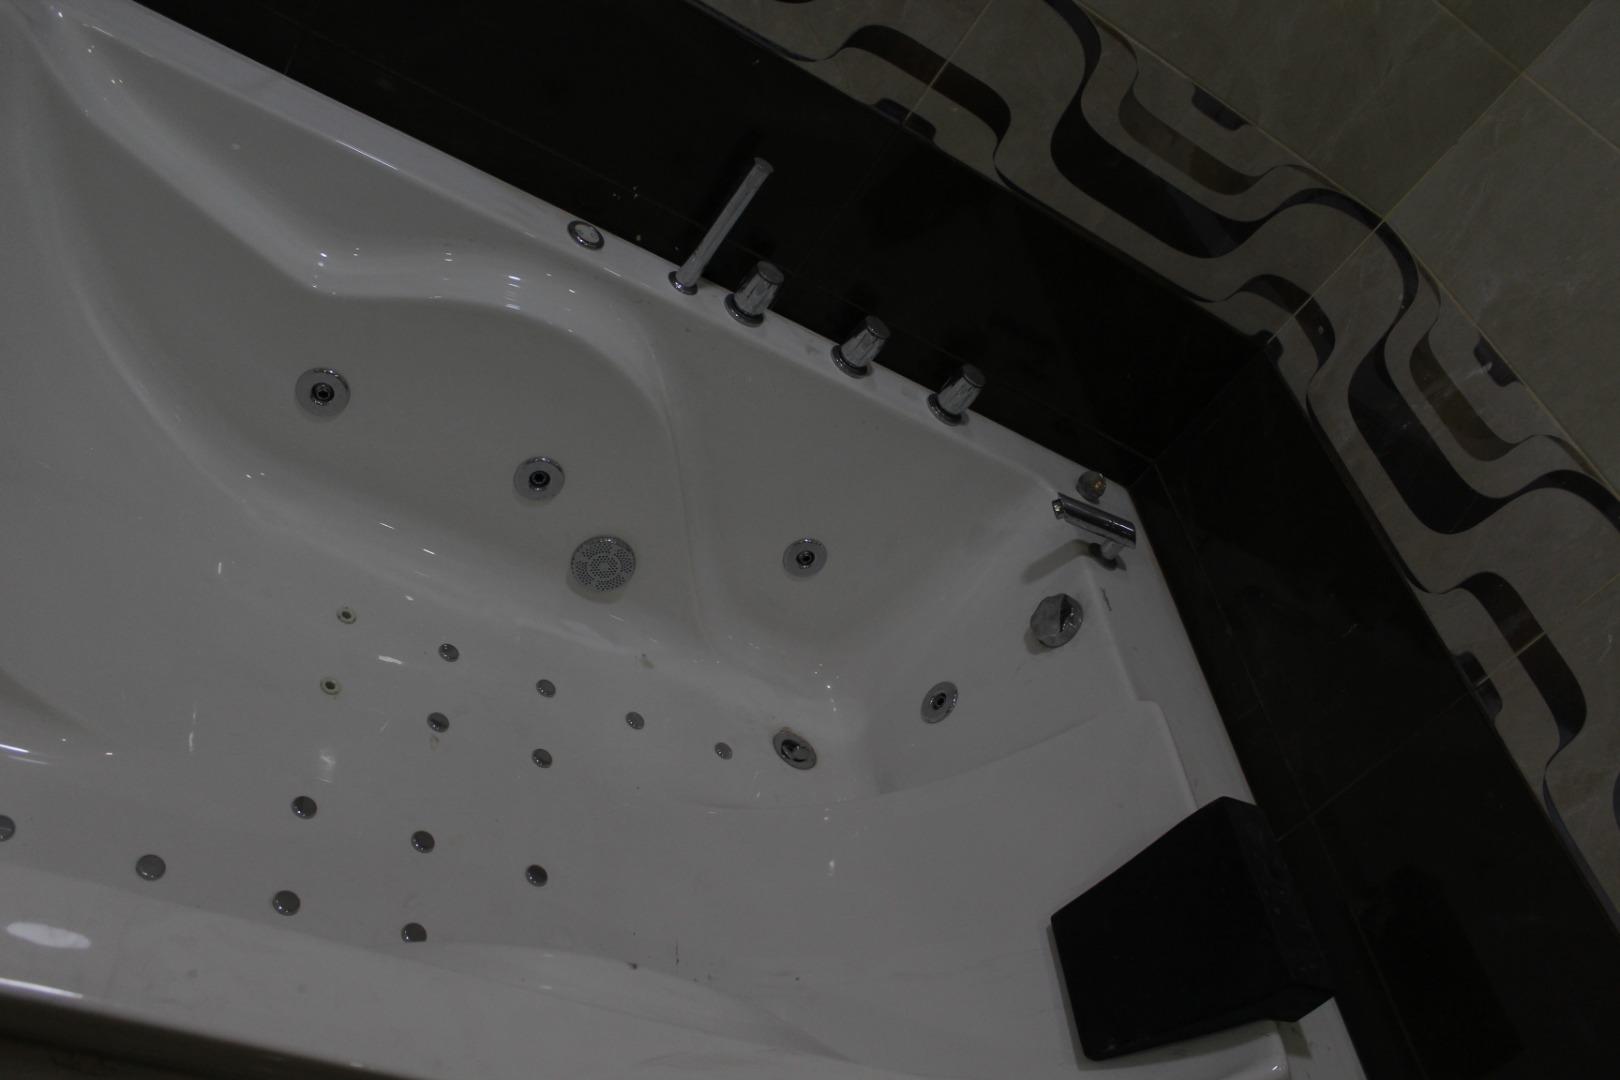 للاجار في أبو ظبي غرفتين ✌🏻وصاله مساحة الغرفه 6/6 والصالة 6/5 مطبخ كبير حمامين شامل ماء و�-  للبيع او ايجار شقة فارغة...